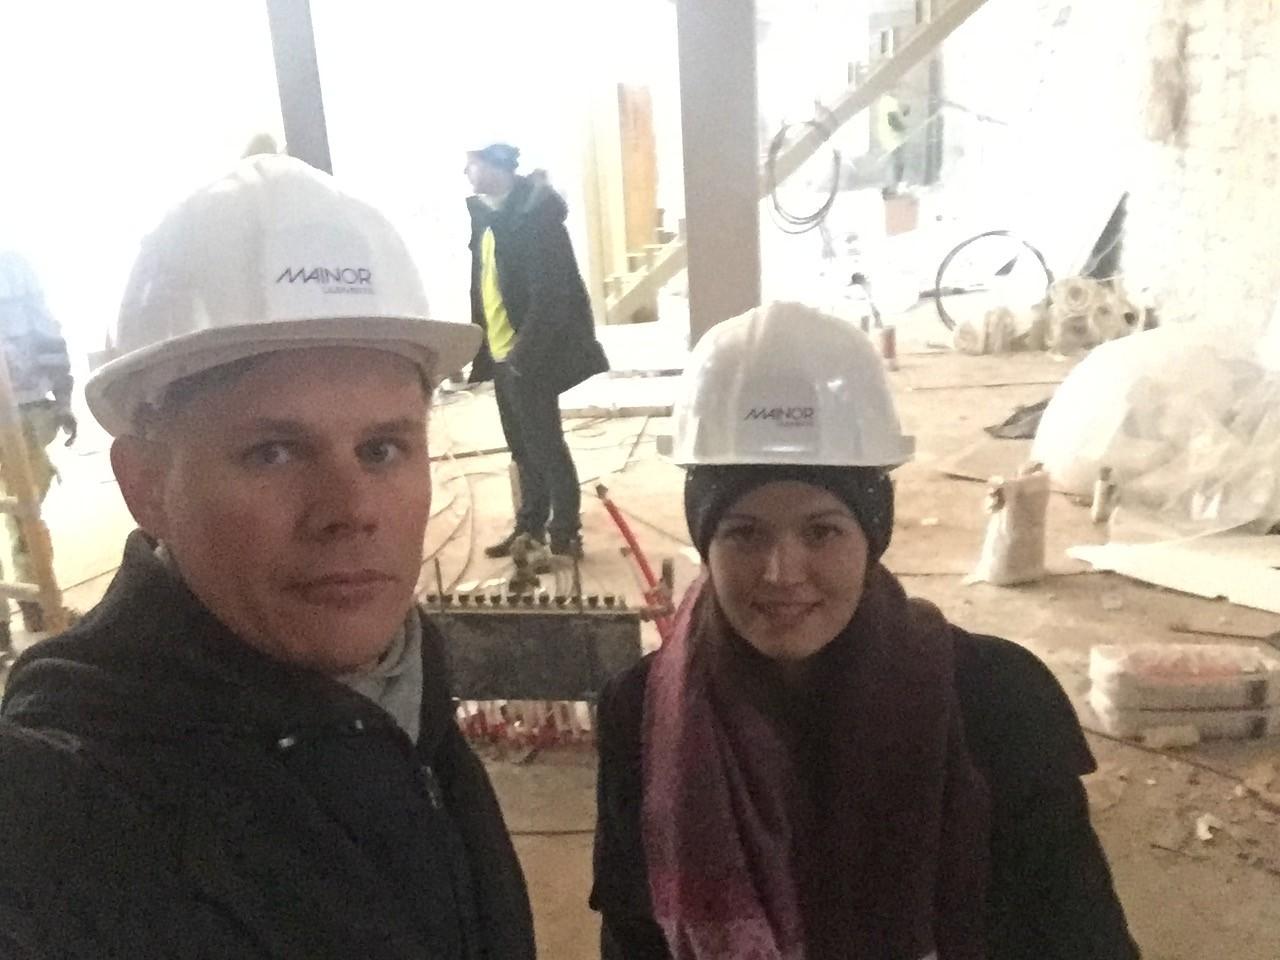 Fotol Ruutu Kuus ettevõtte juht Margus Tammemäe ja töövari Skriptisõna.